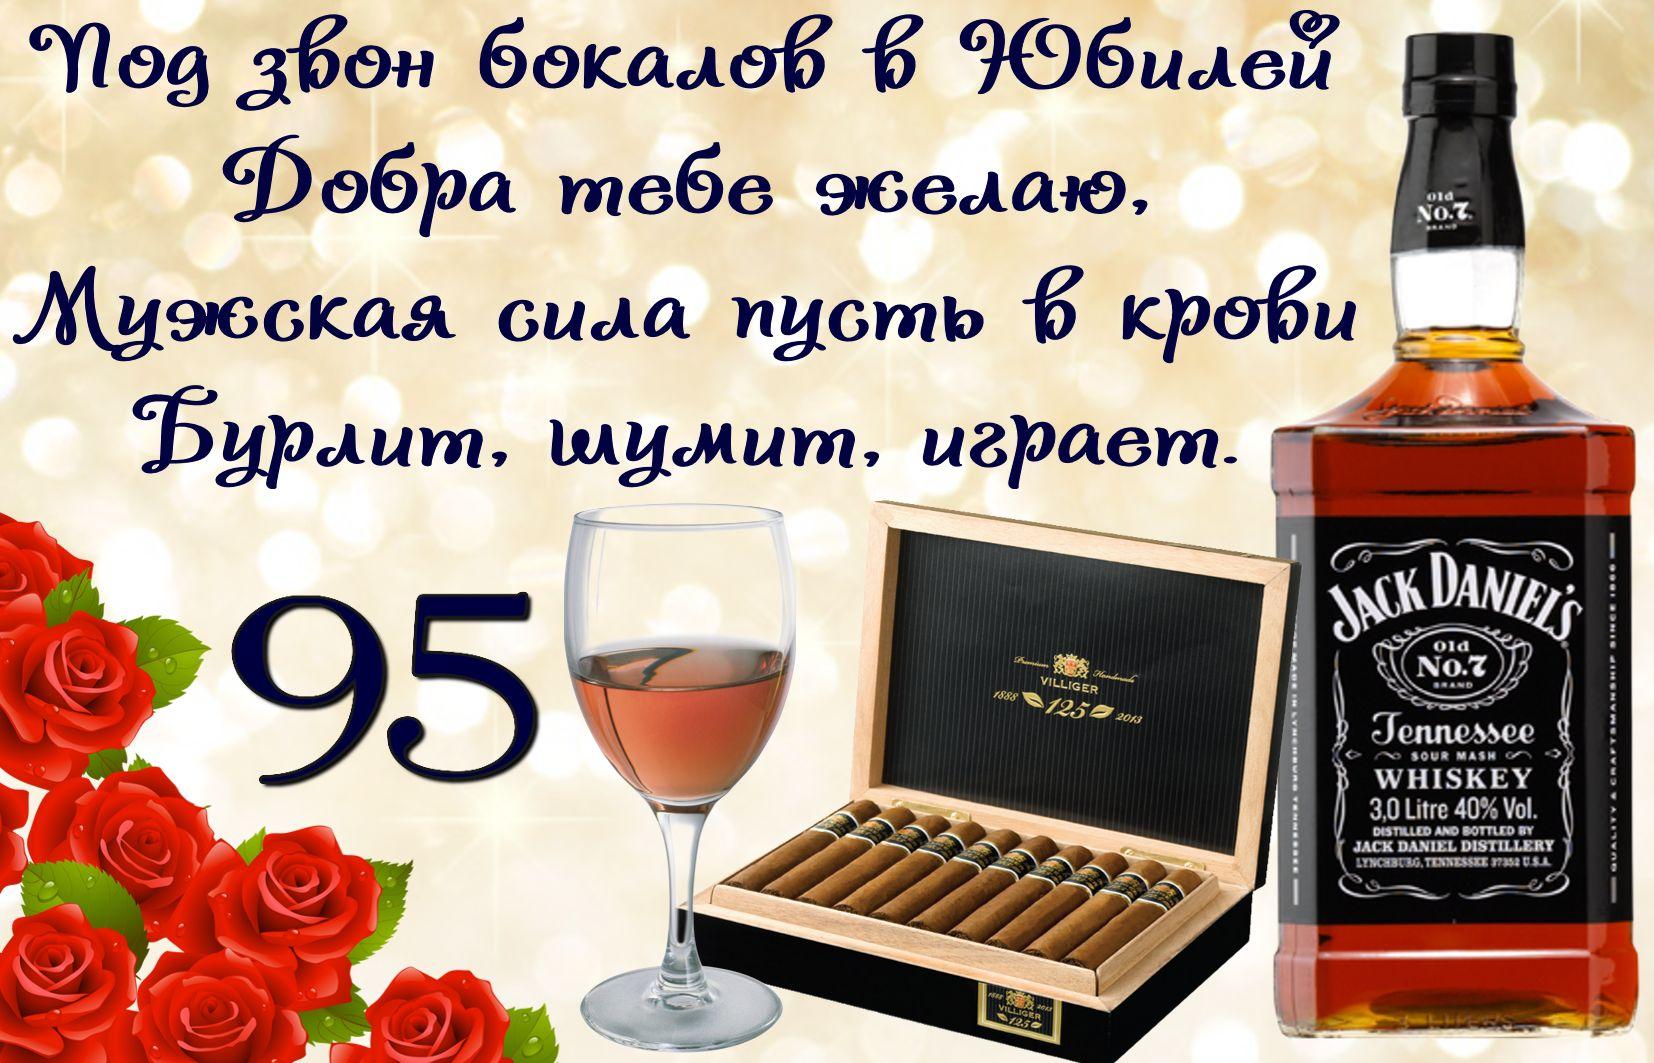 Открытка для мужчины с виски и сигарами к юбилею 95 лет